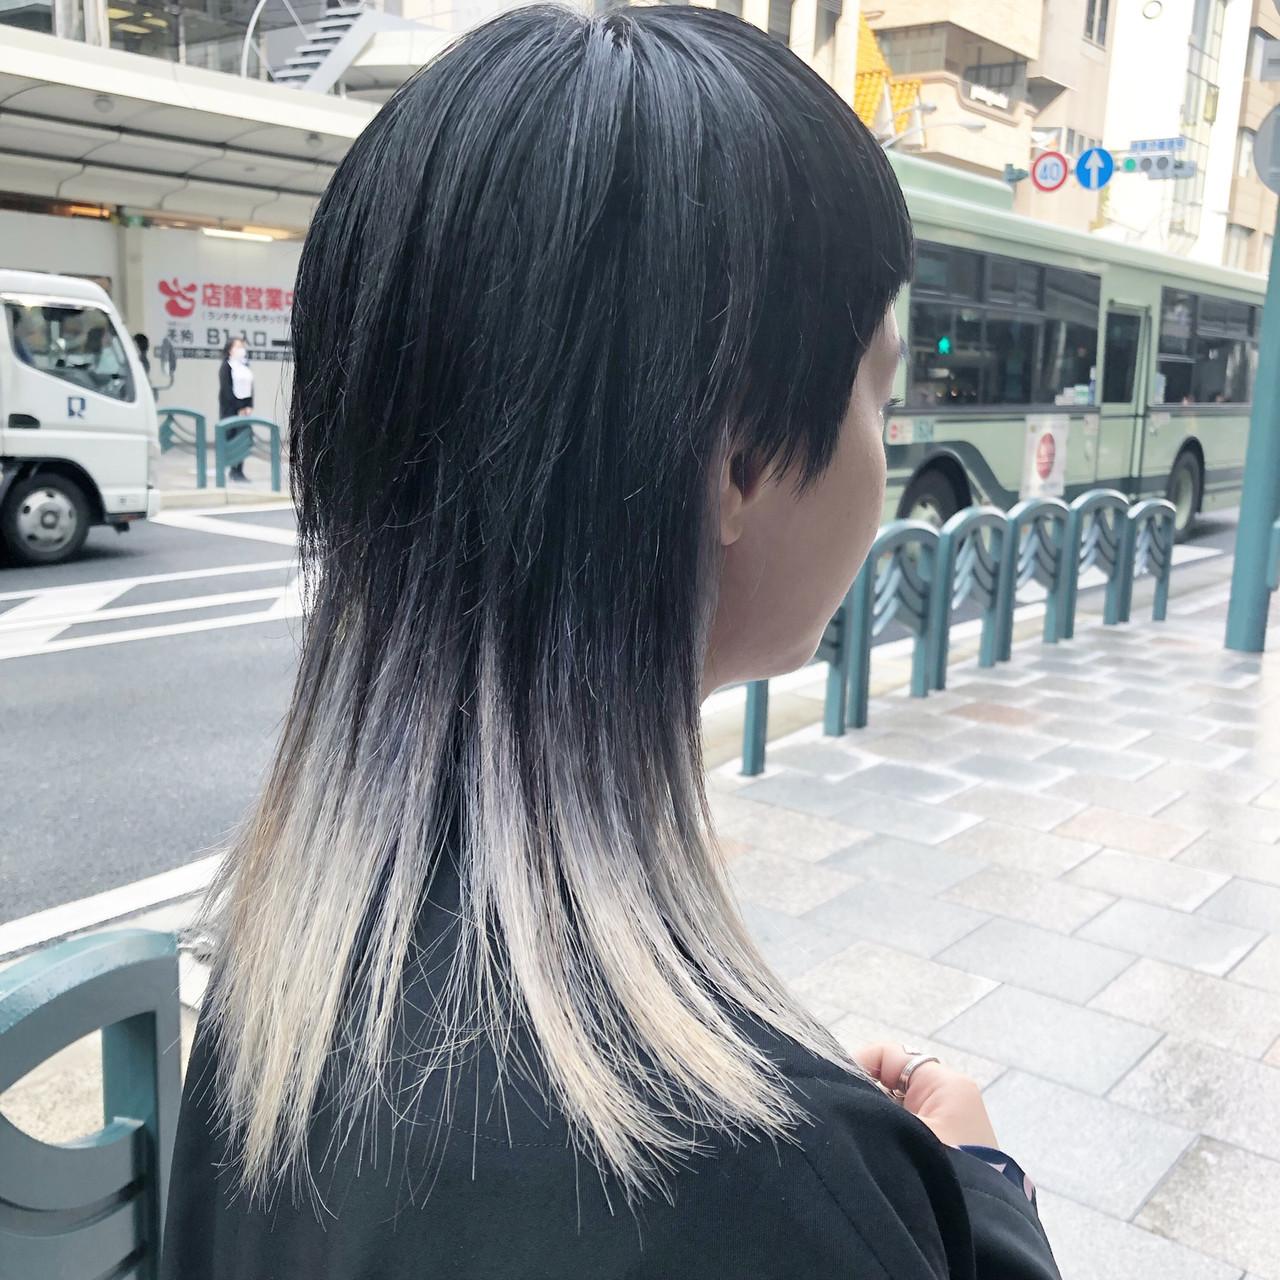 モード ロング グラデーションカラー ブリーチカラー ヘアスタイルや髪型の写真・画像